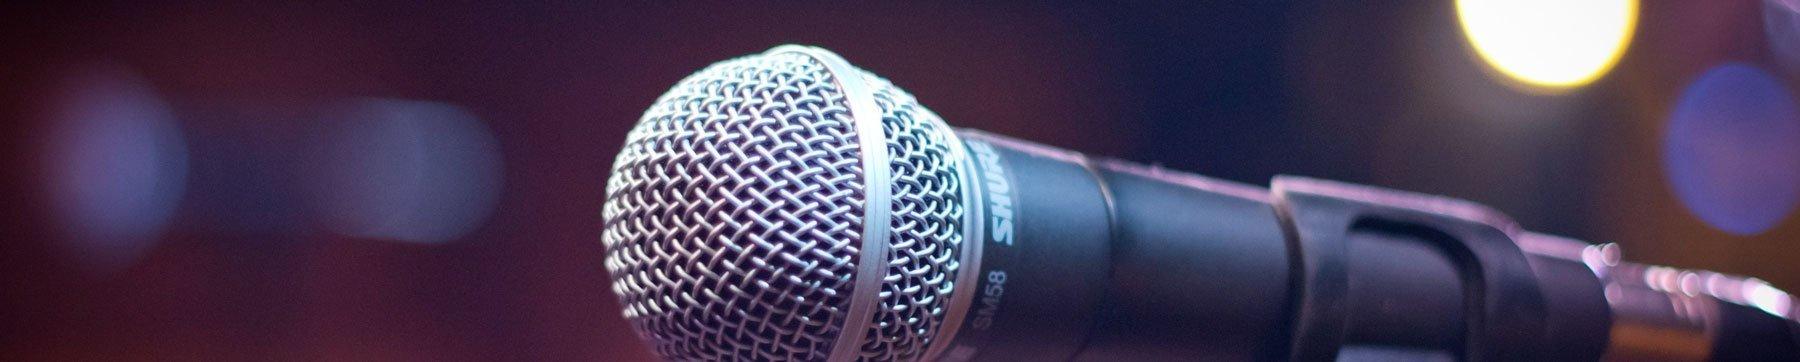 Event Hosting Testimonials